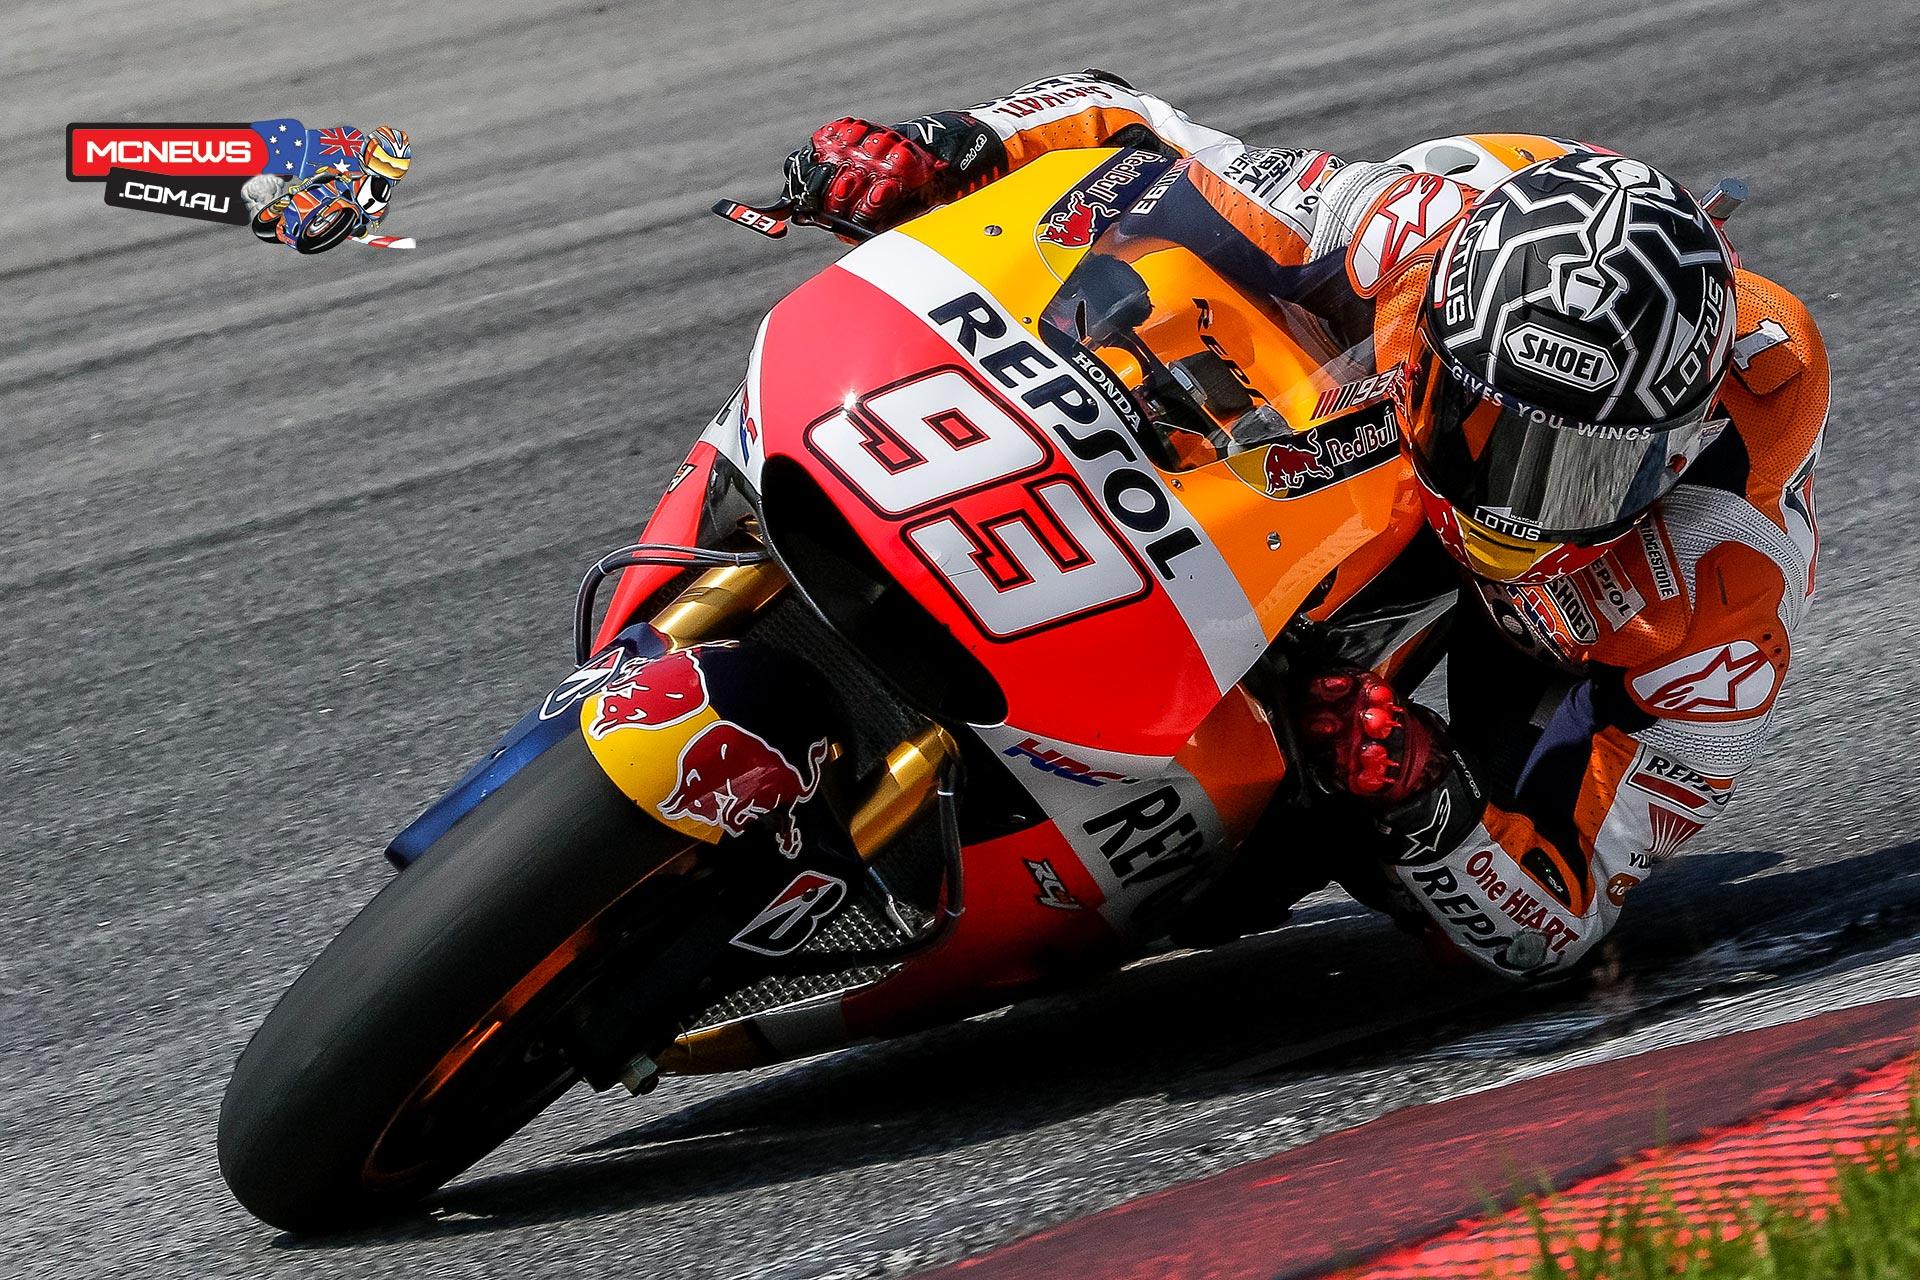 Marquez tops Sepang 2 MotoGP Test | MCNews.com.au